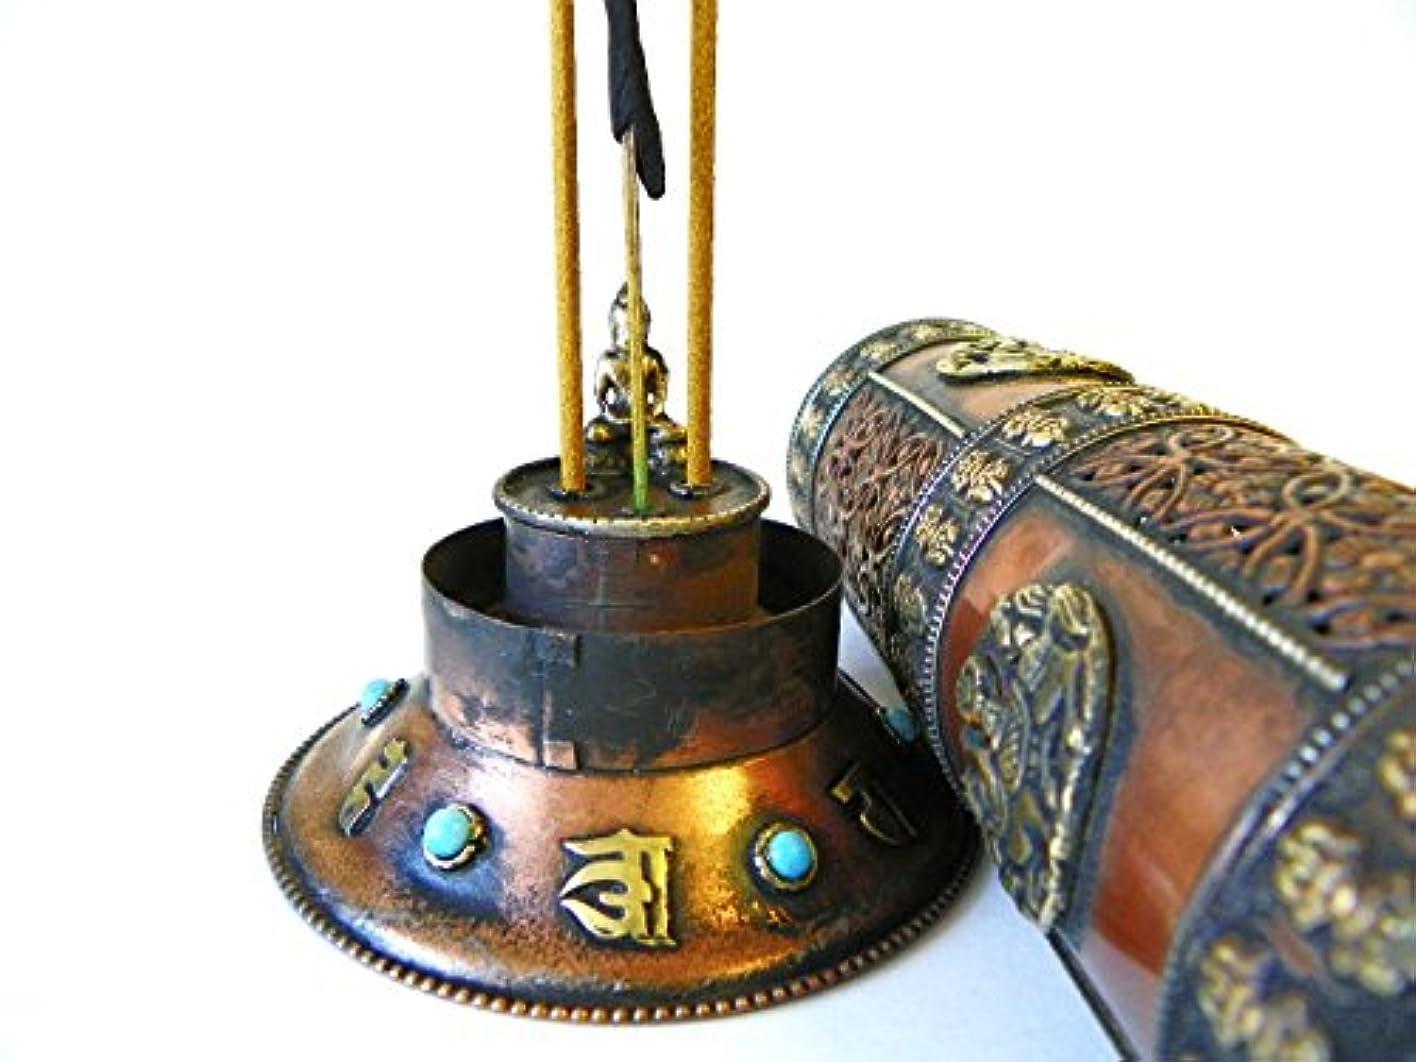 ゴミ箱を空にするシソーラス放棄f695 Stunningチベット円柱スタイルIncense Burner Hand Crafted inネパール